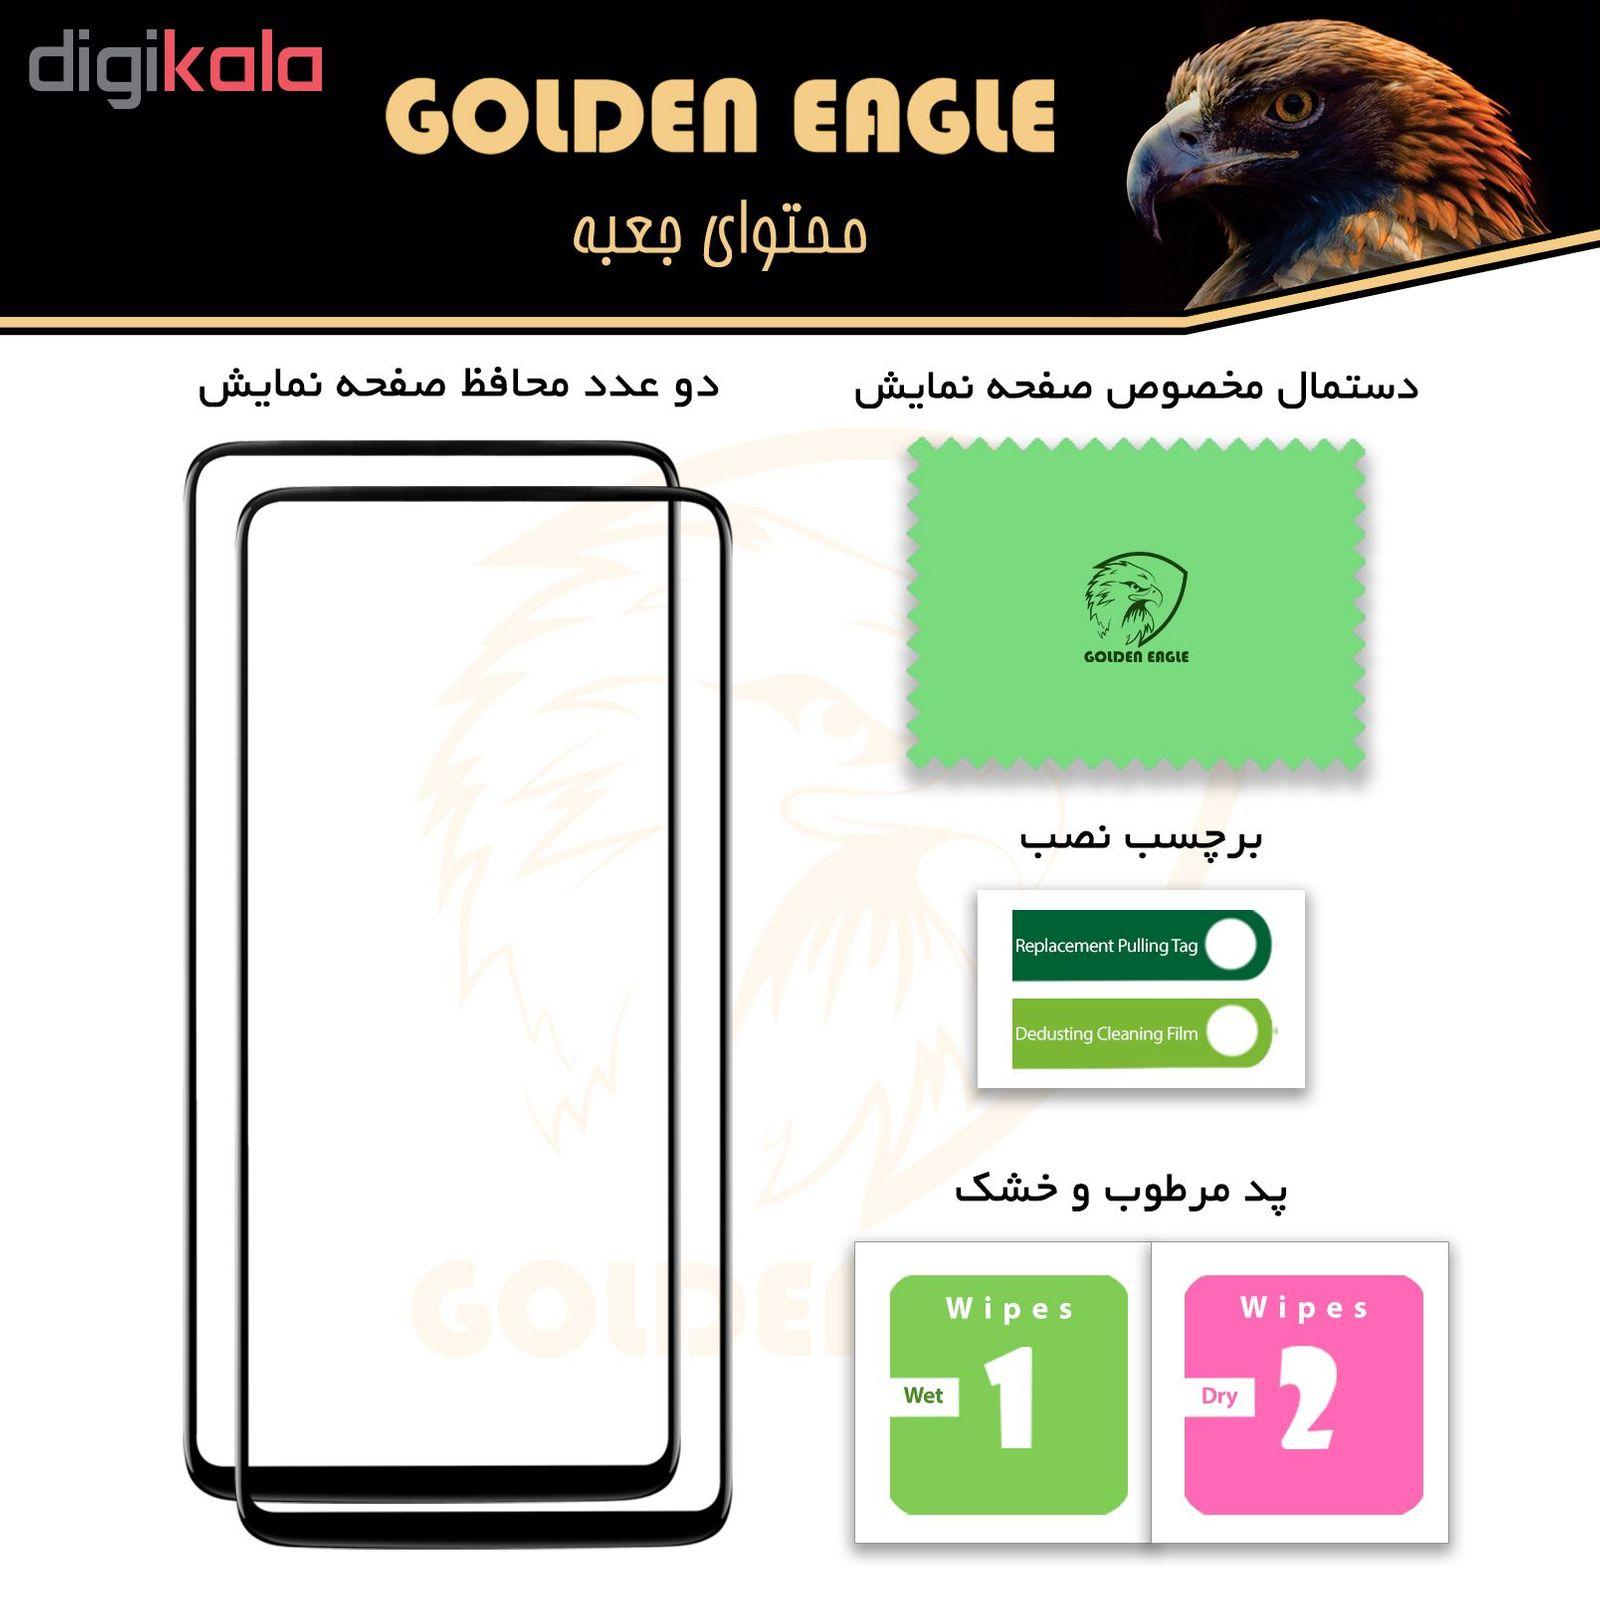 محافظ صفحه نمایش گلدن ایگل مدل GLC-X2 مناسب برای گوشی موبایل سامسونگ Galaxy A8 PLUS 2018 بسته دو عددی main 1 2